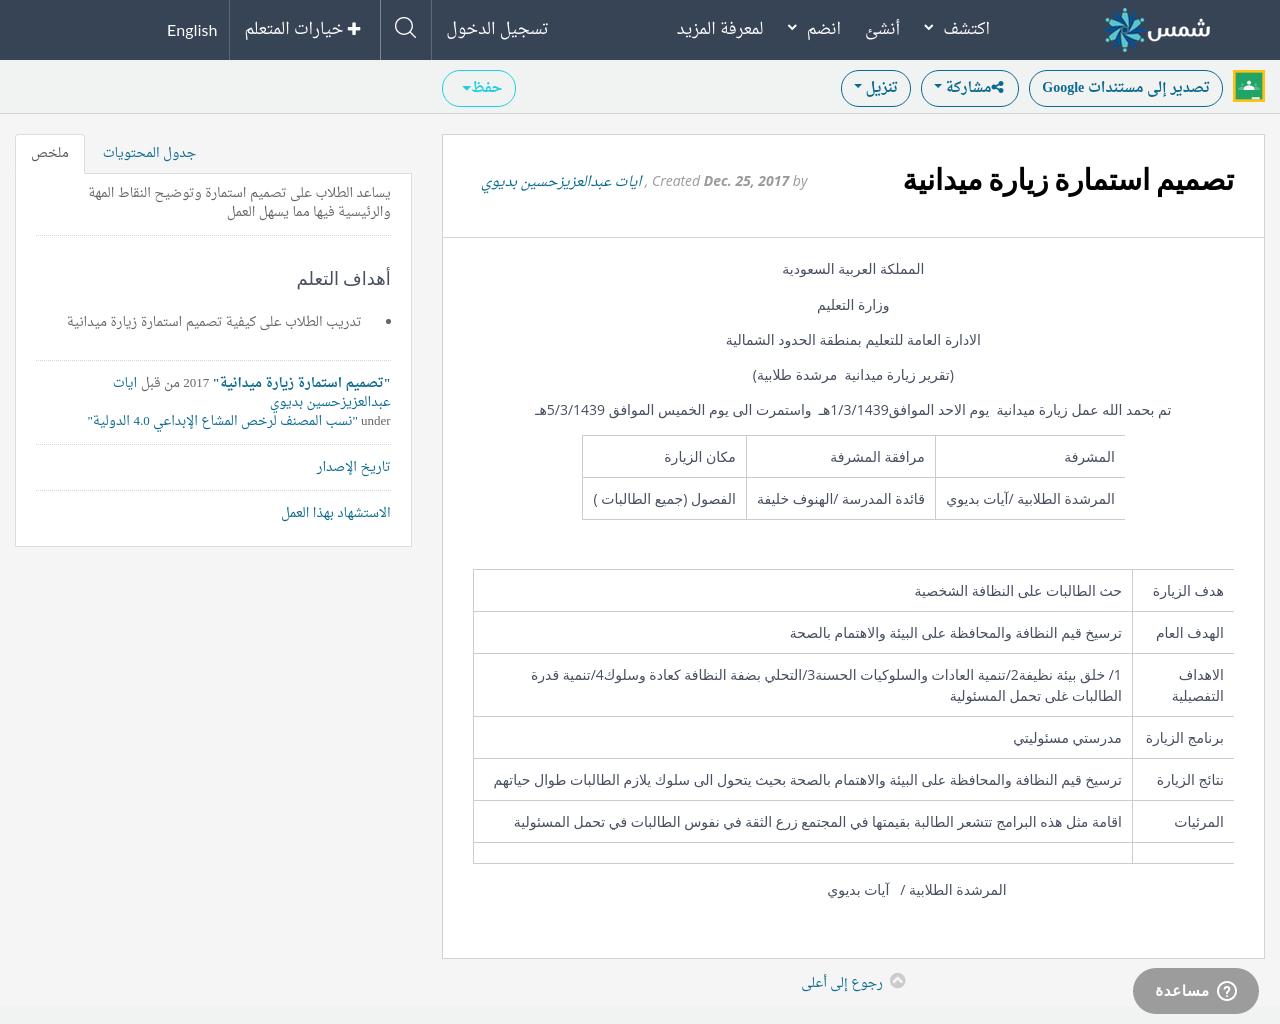 تصميم استمارة زيارة ميدانية Shms Saudi Oer Network